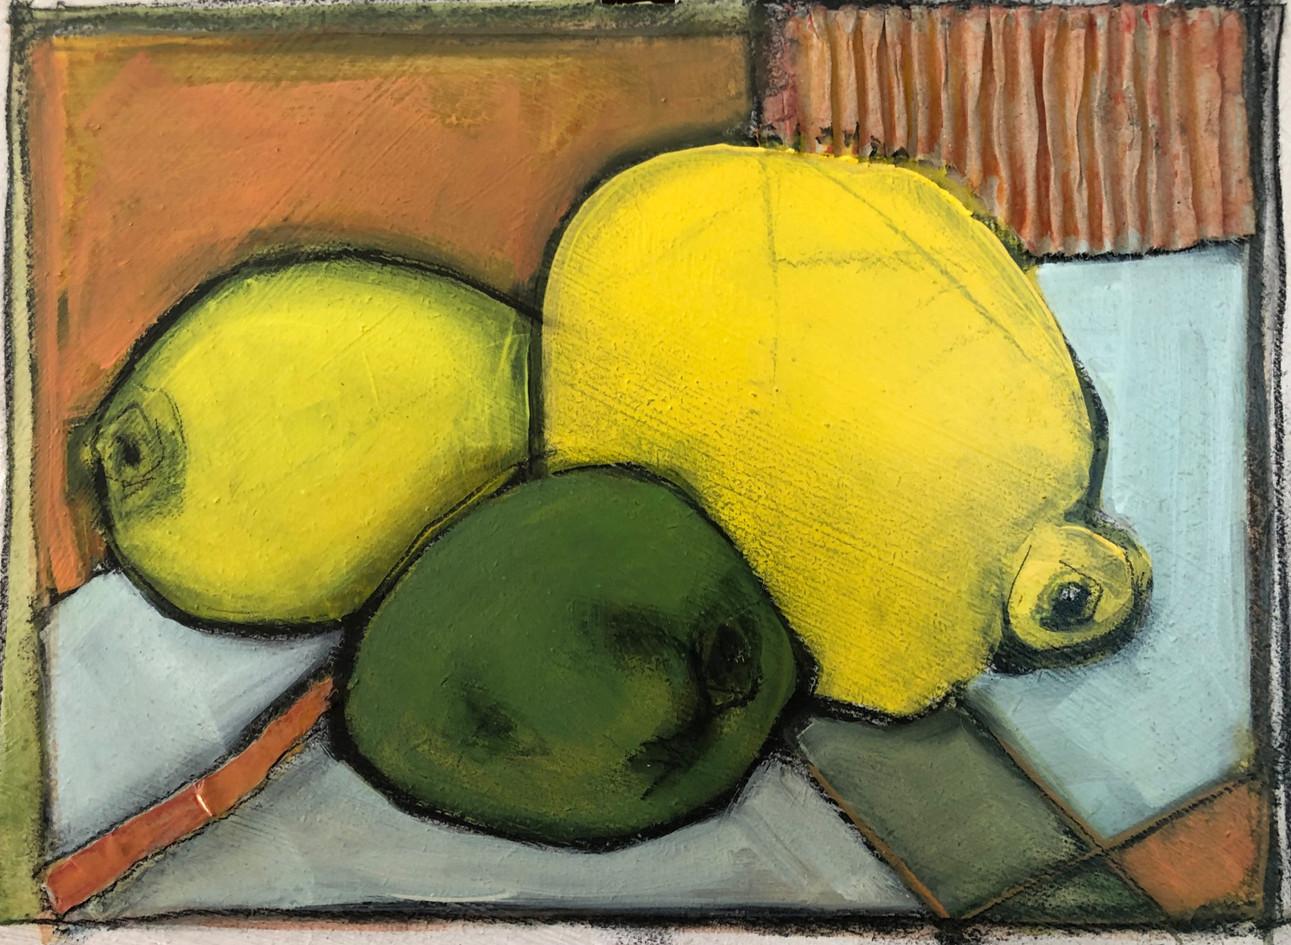 Lemon, lemon lime